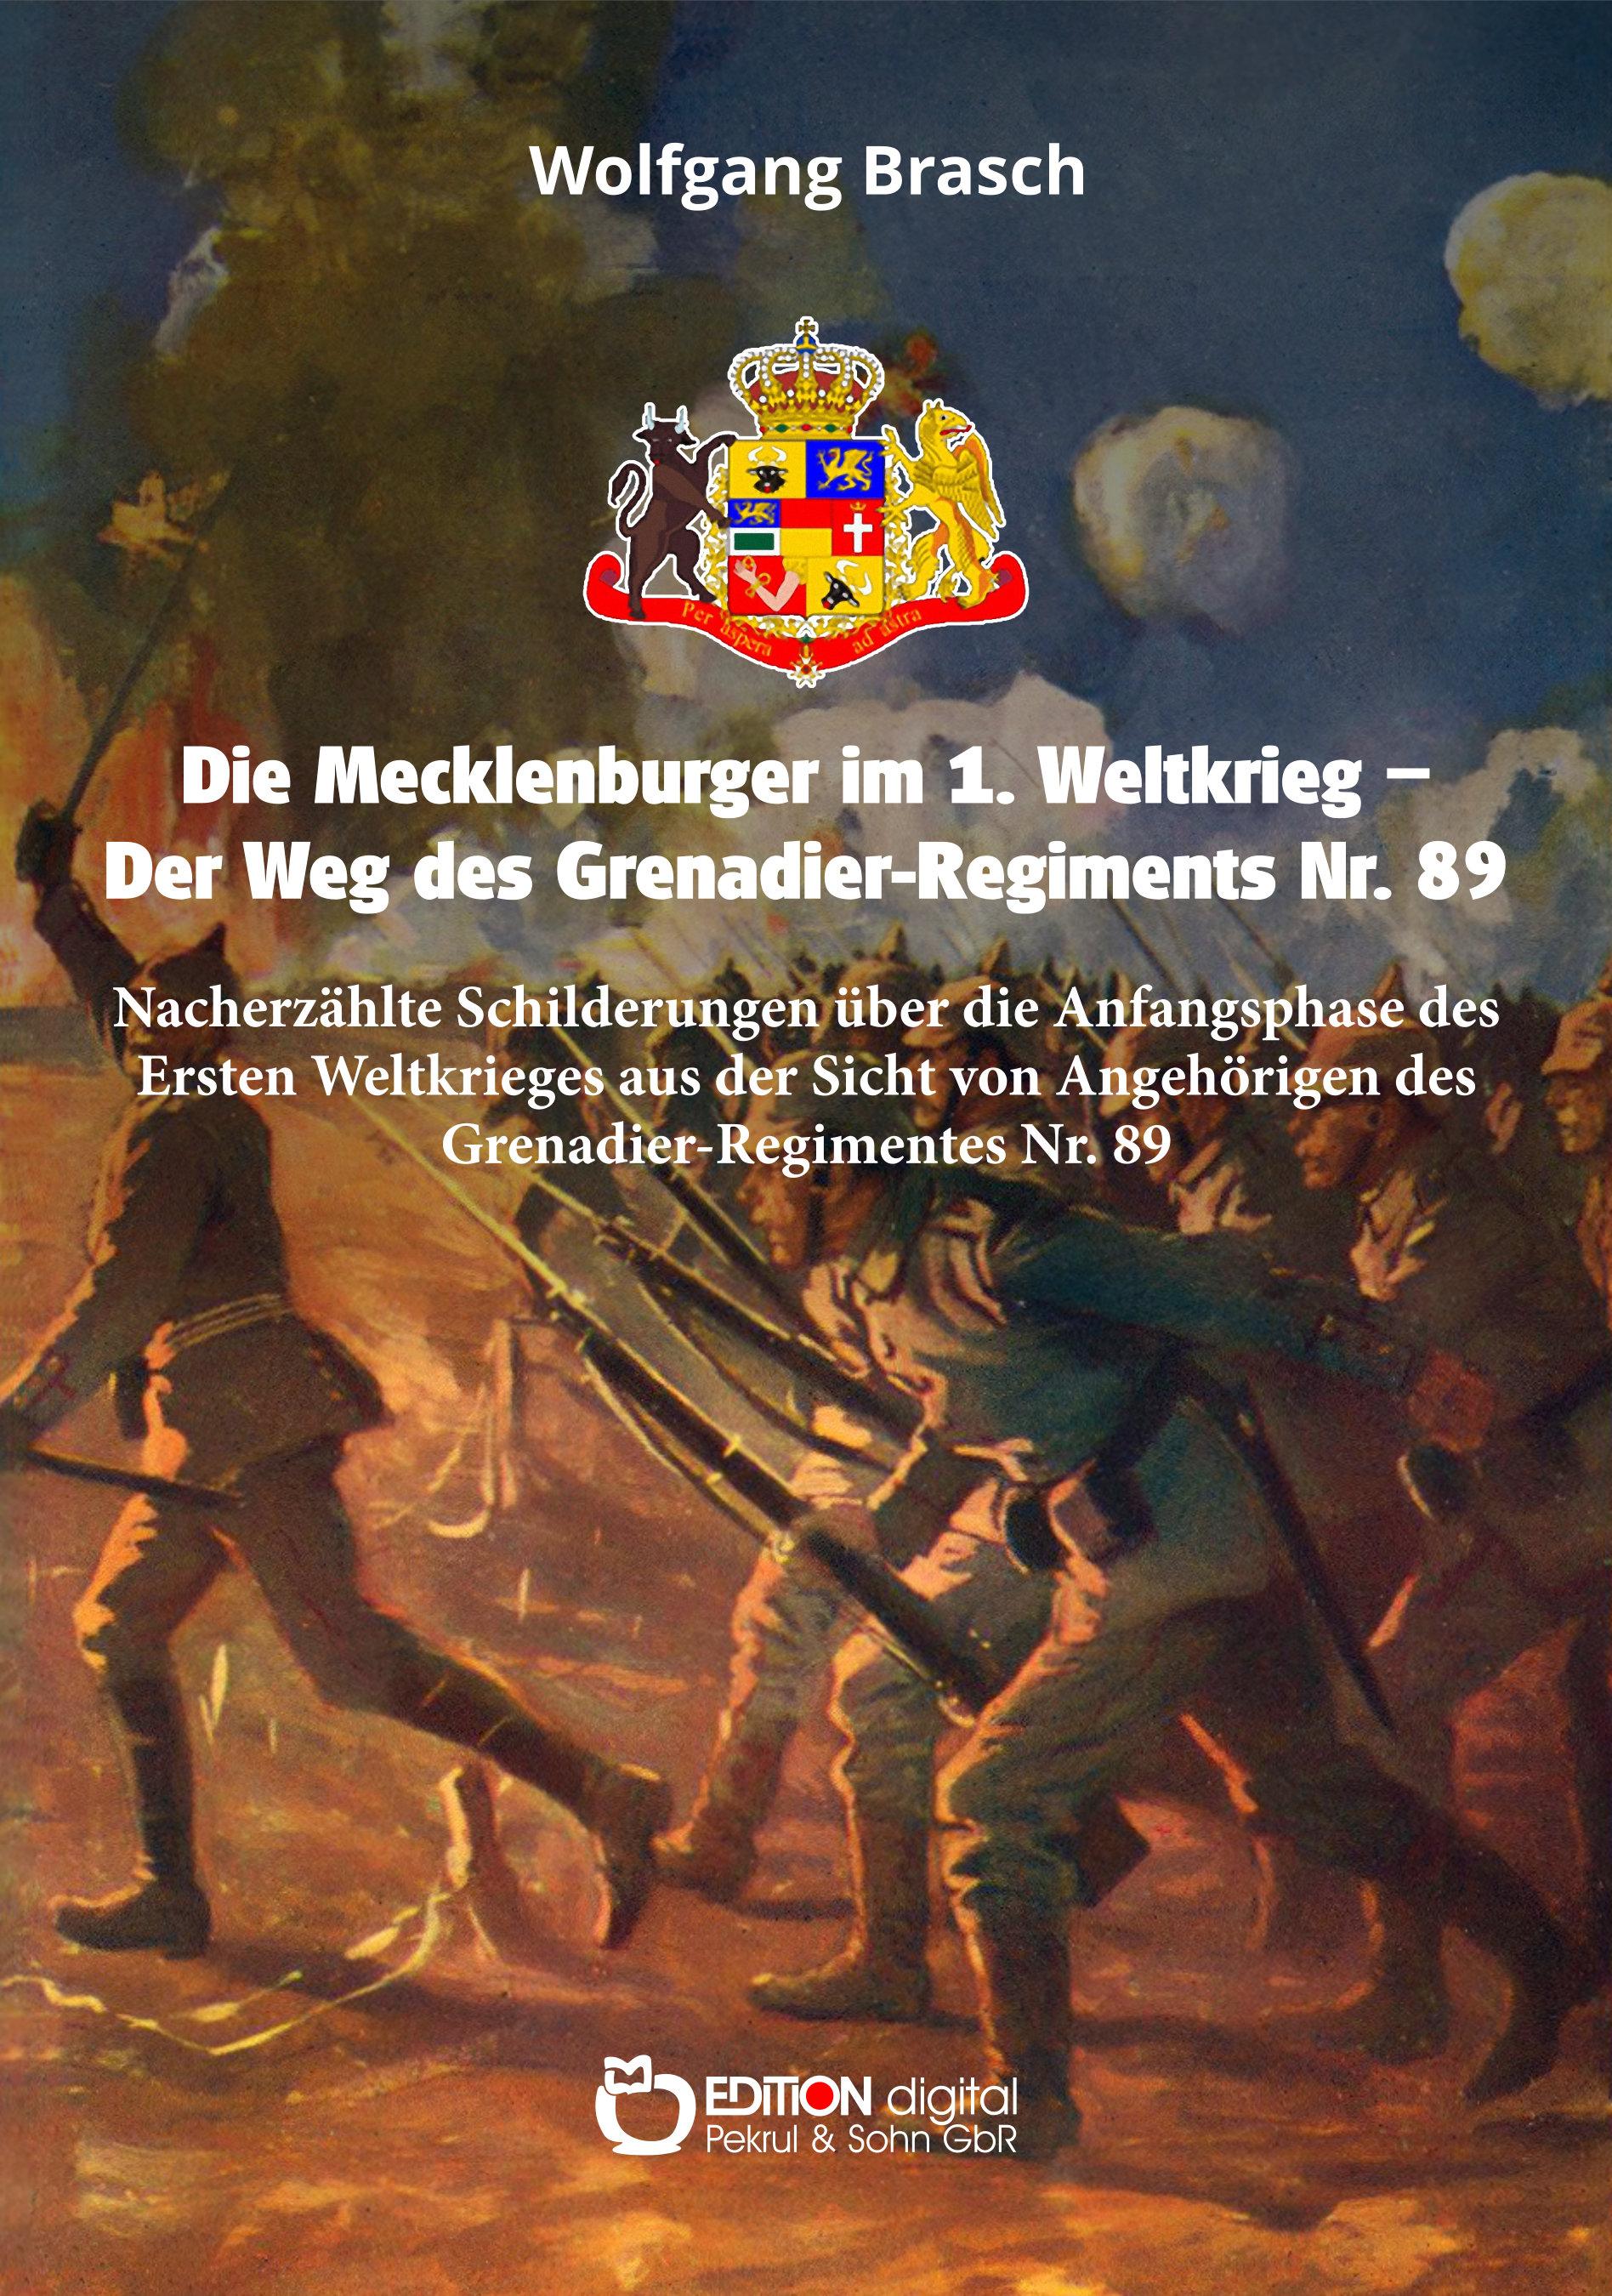 Die Mecklenburger im 1. Weltkrieg – Der Weg des Grenadier-Regiments Nr. 89. Nacherzählte Schilderungen über die Anfangsphase des Ersten Weltkrieges aus der Sicht von Angehörigen des Grenadier-Regimentes Nr. 89 von Wolfgang Brasch